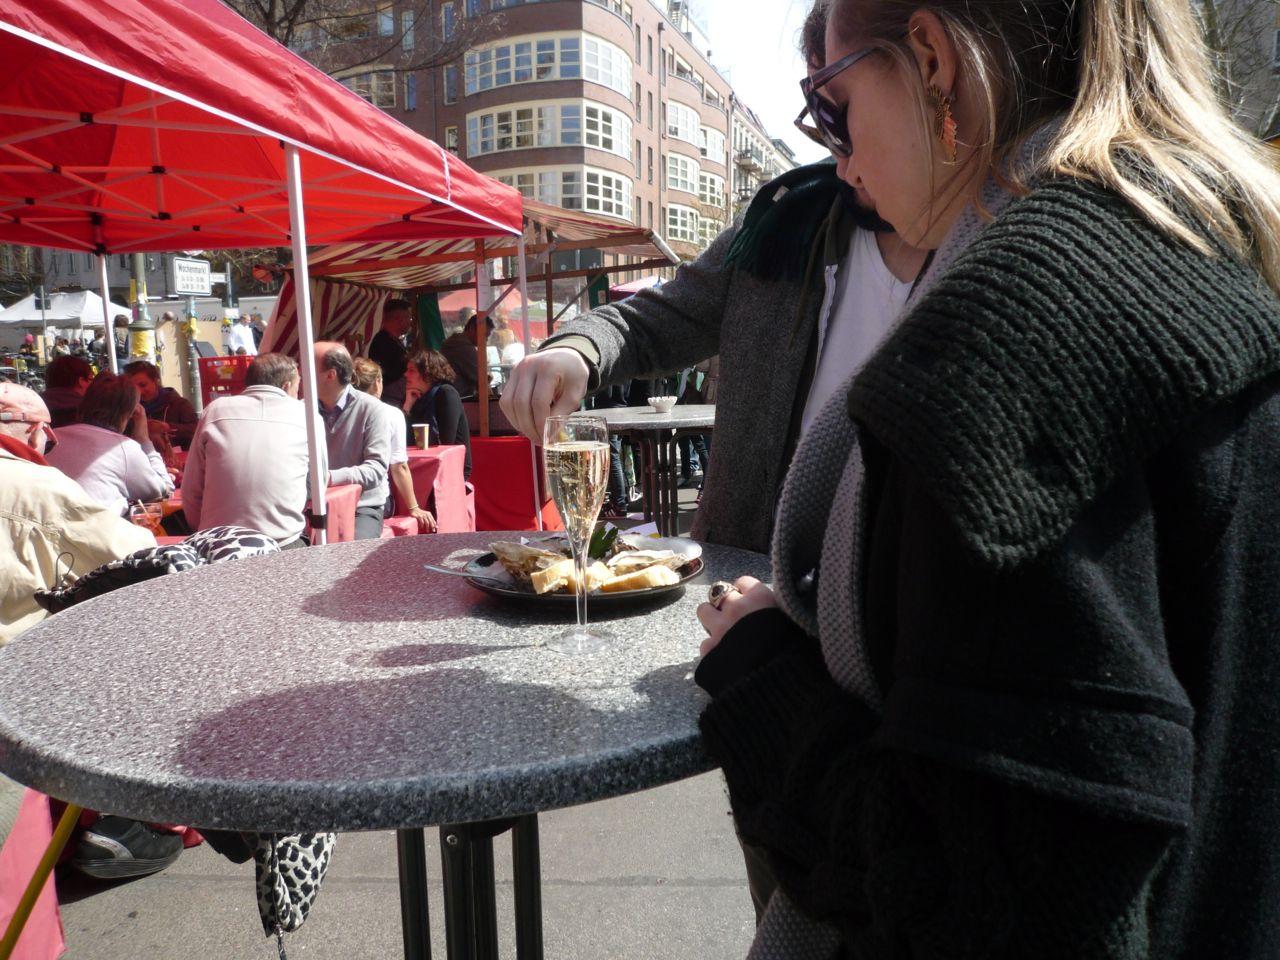 Selvfølgelig kan man også købe østers og champagne på lørdagsmarkedet på Kollwitzplatz. Vi er jo i den mere velbeslåede del af byen.